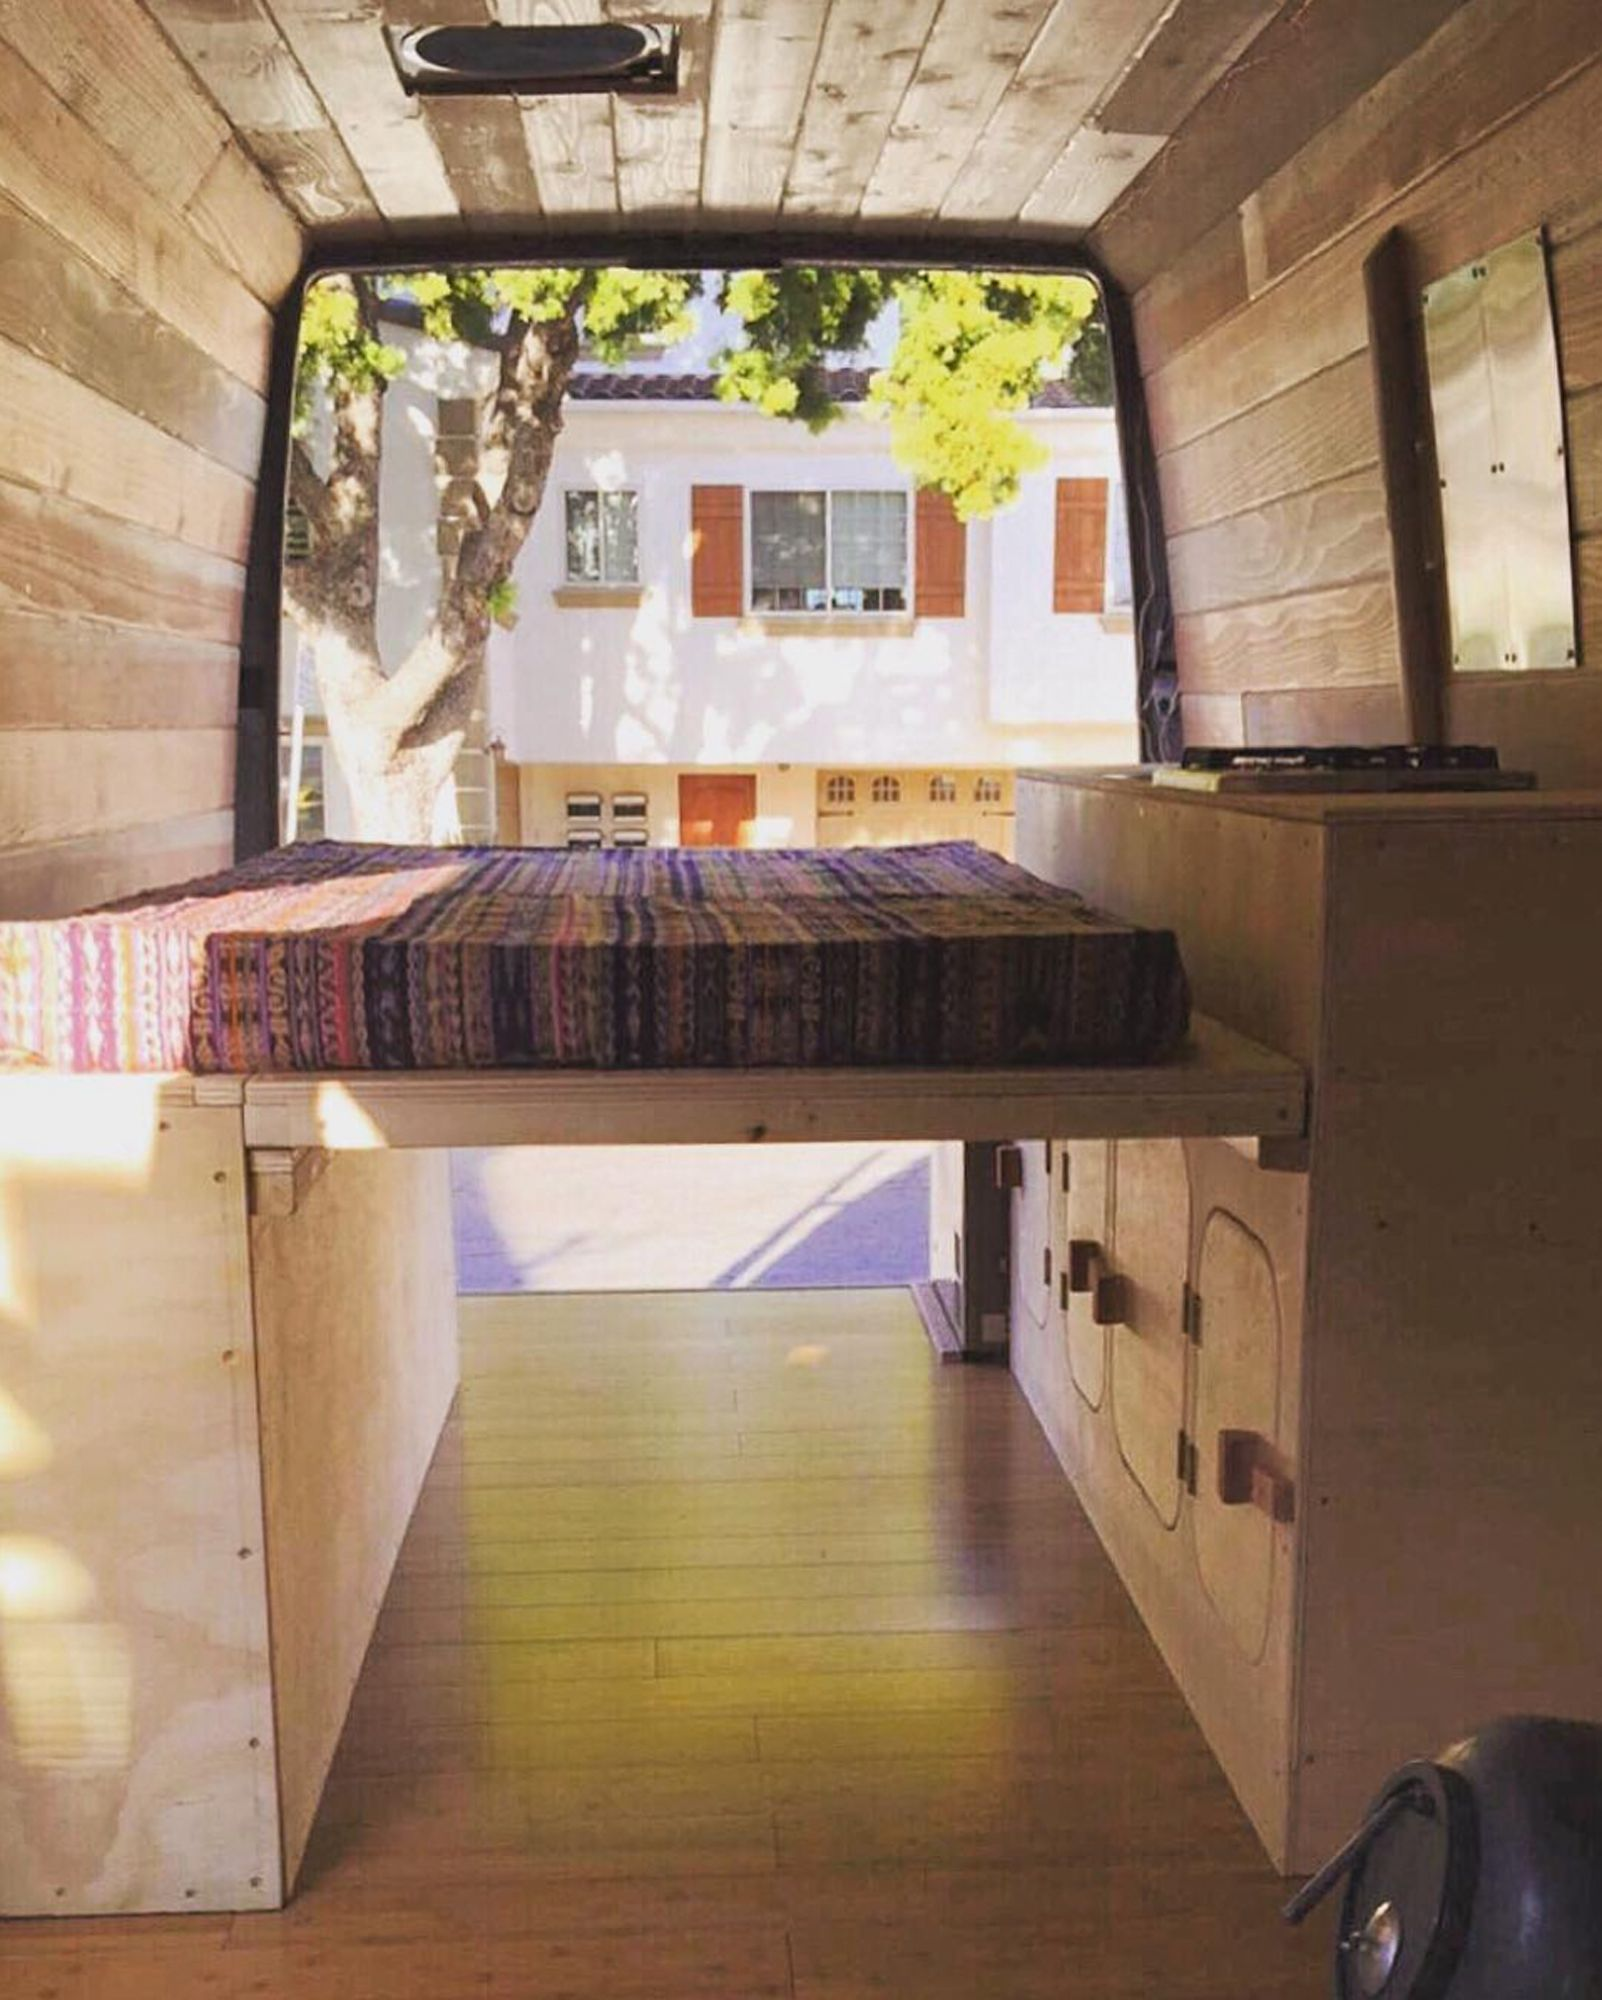 bett h her setzten bauernhof pinterest bett wohnmobil und ausbau. Black Bedroom Furniture Sets. Home Design Ideas